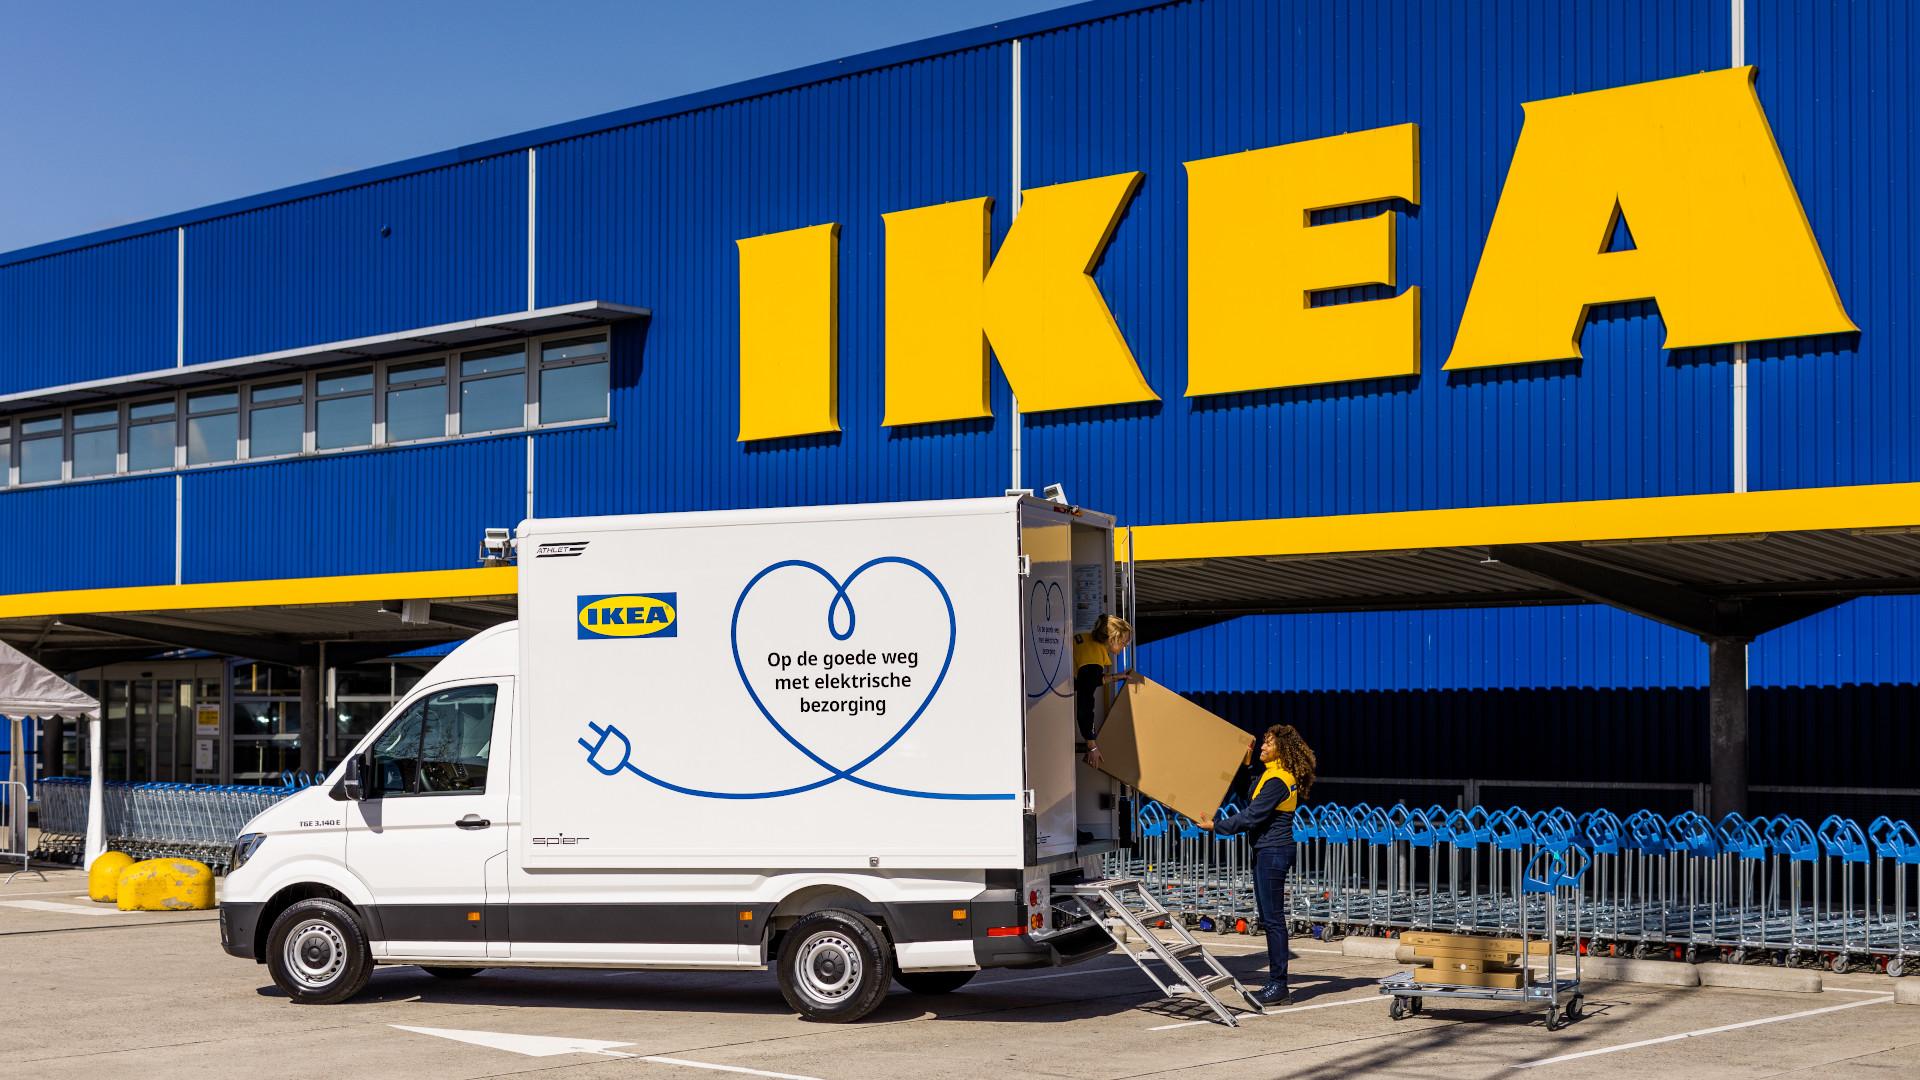 IKEA-emissionsfrei-in-Amsterdam_mit-SPIER-Aufbauten-5.jpg